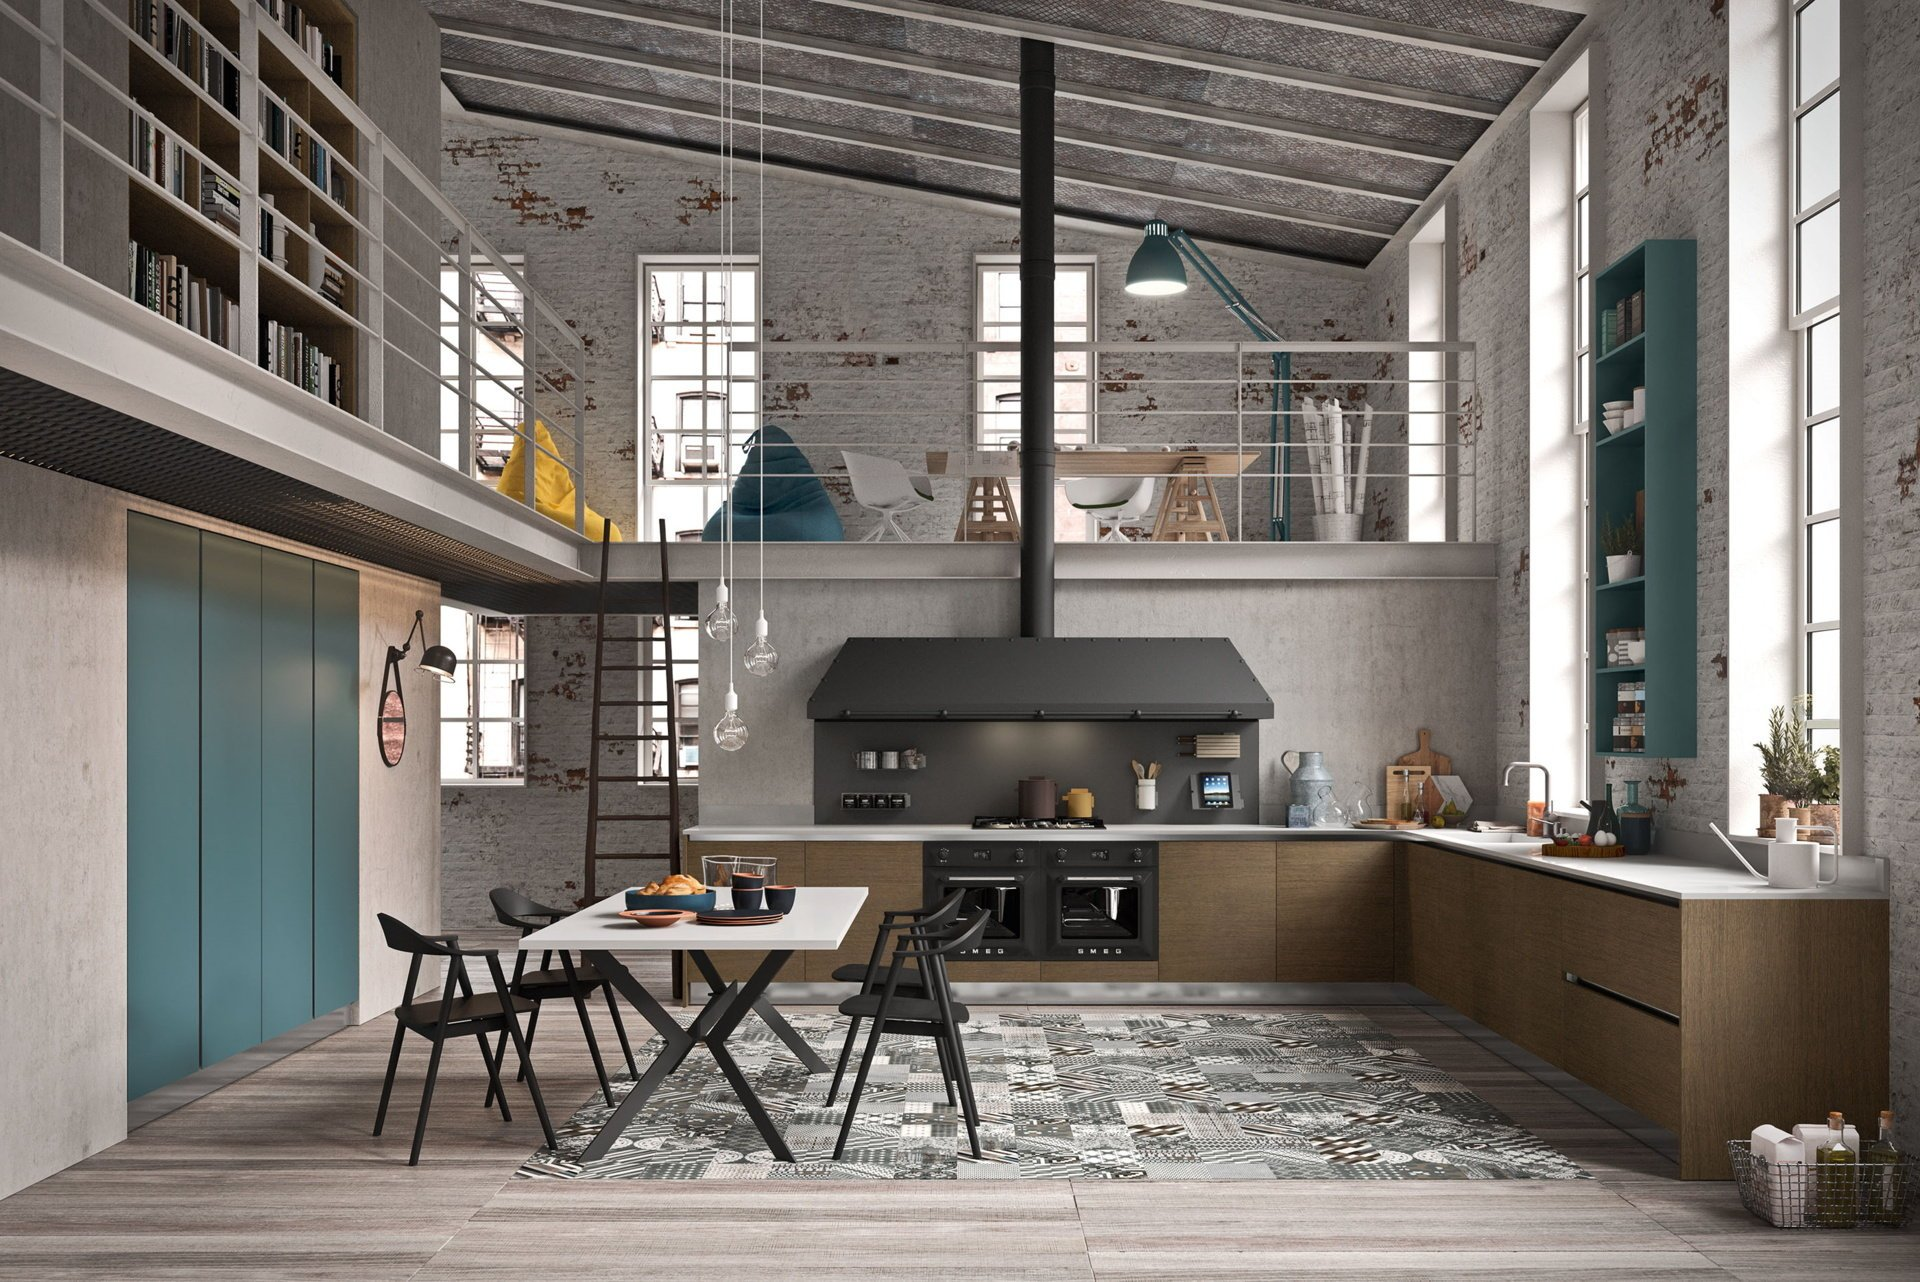 Cucine industrial arredamenti riuniti for Arredamenti riuniti calcinate opinioni